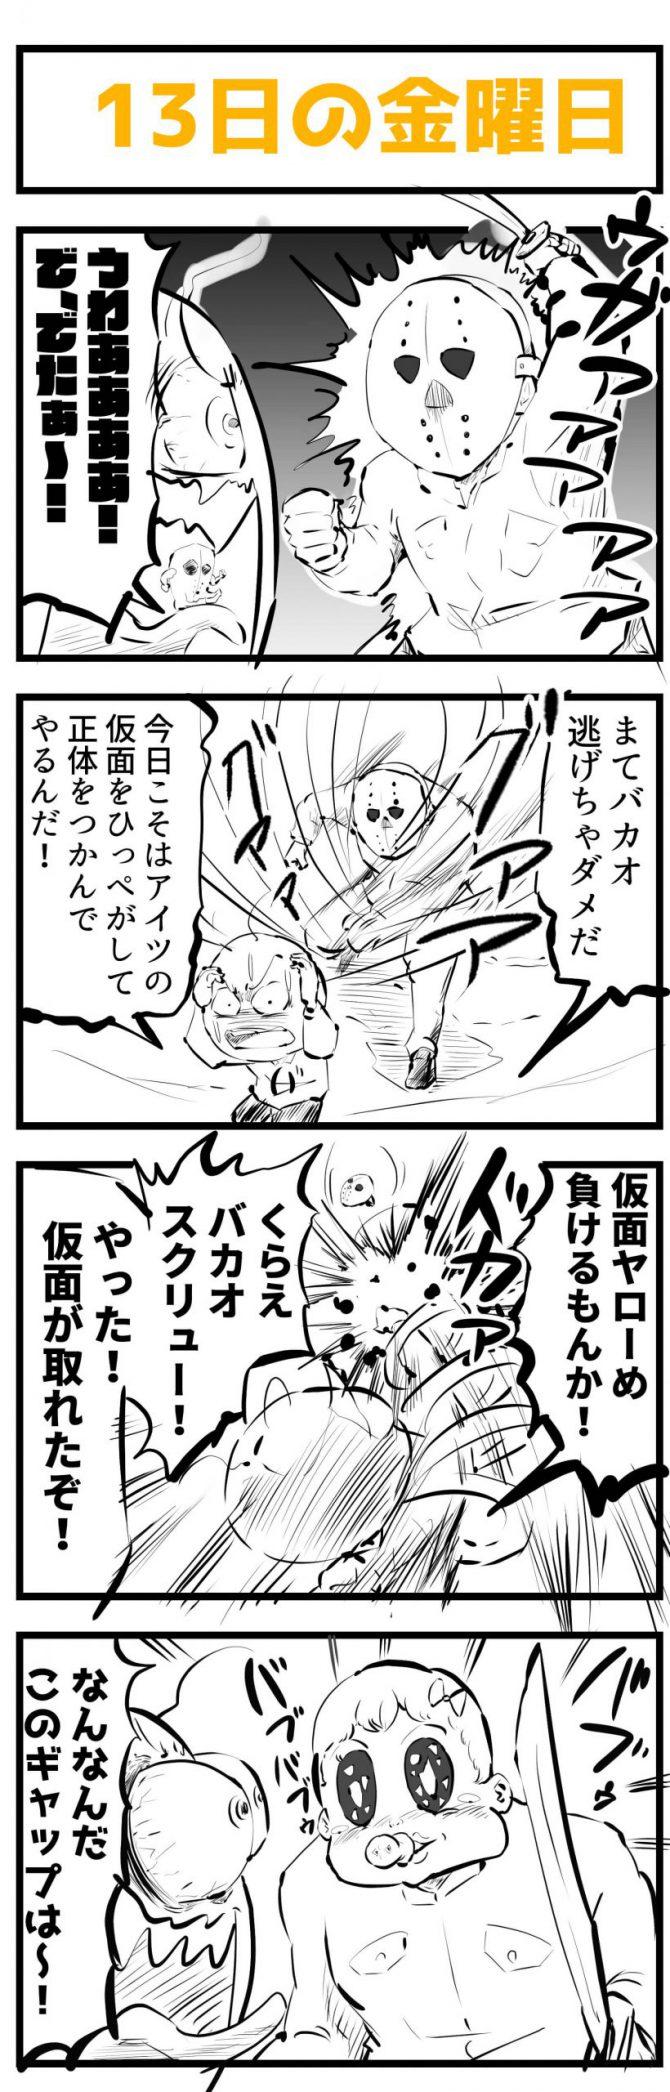 13日の金曜日,4コマ漫画